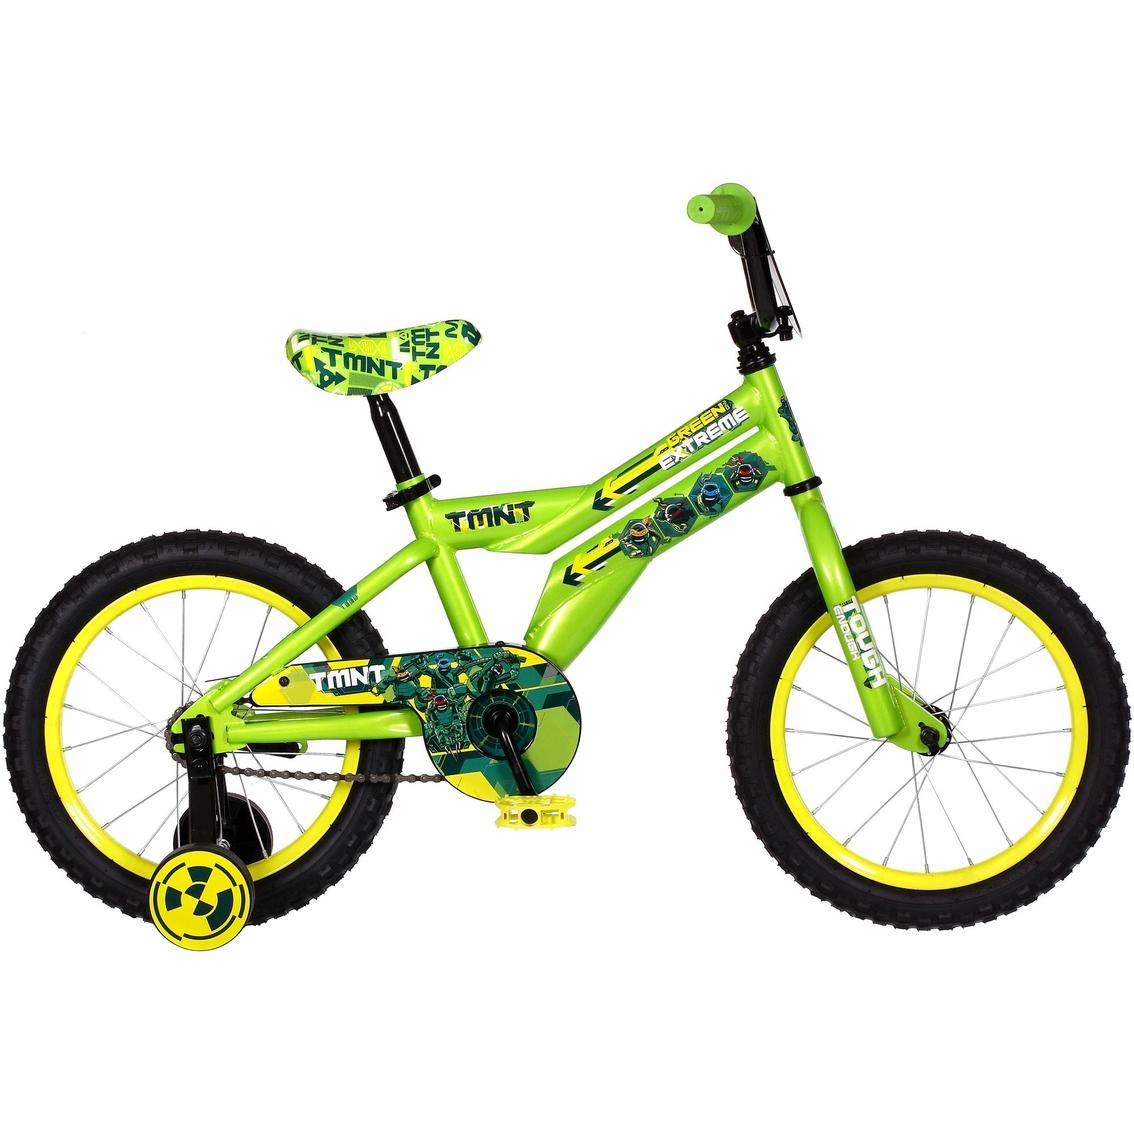 pacific cycle boys teenage mutant ninja turtles 16 in bike kids